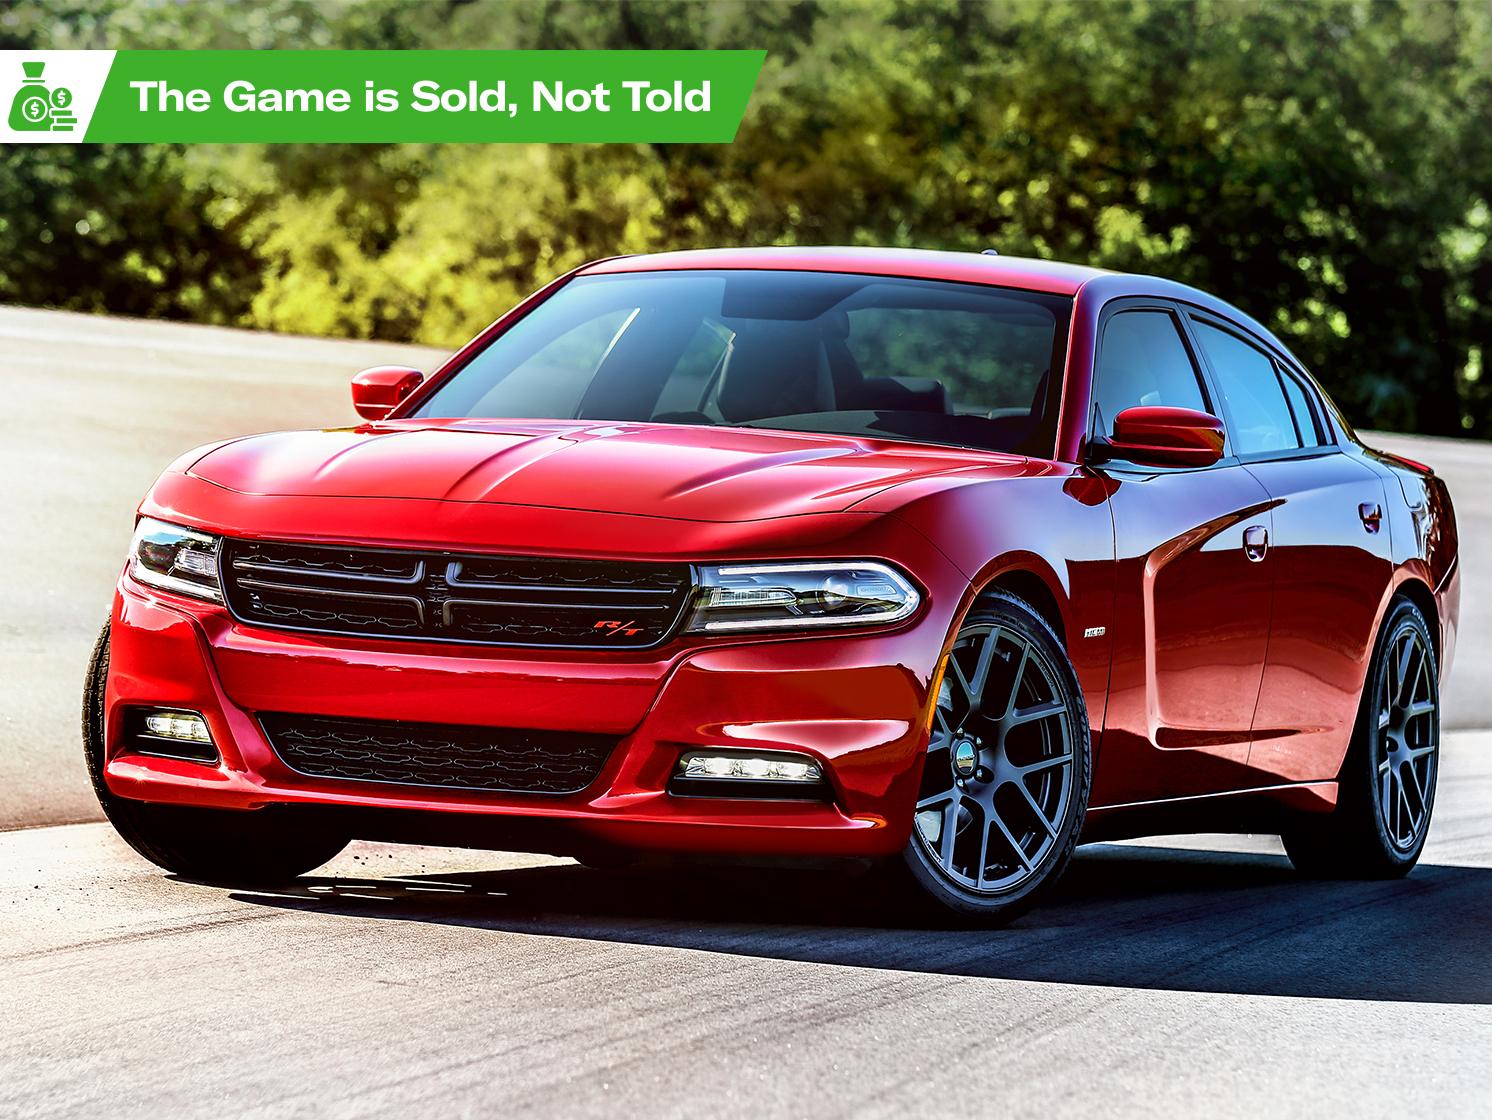 Game_Sold_Budget_Luxury_Lede